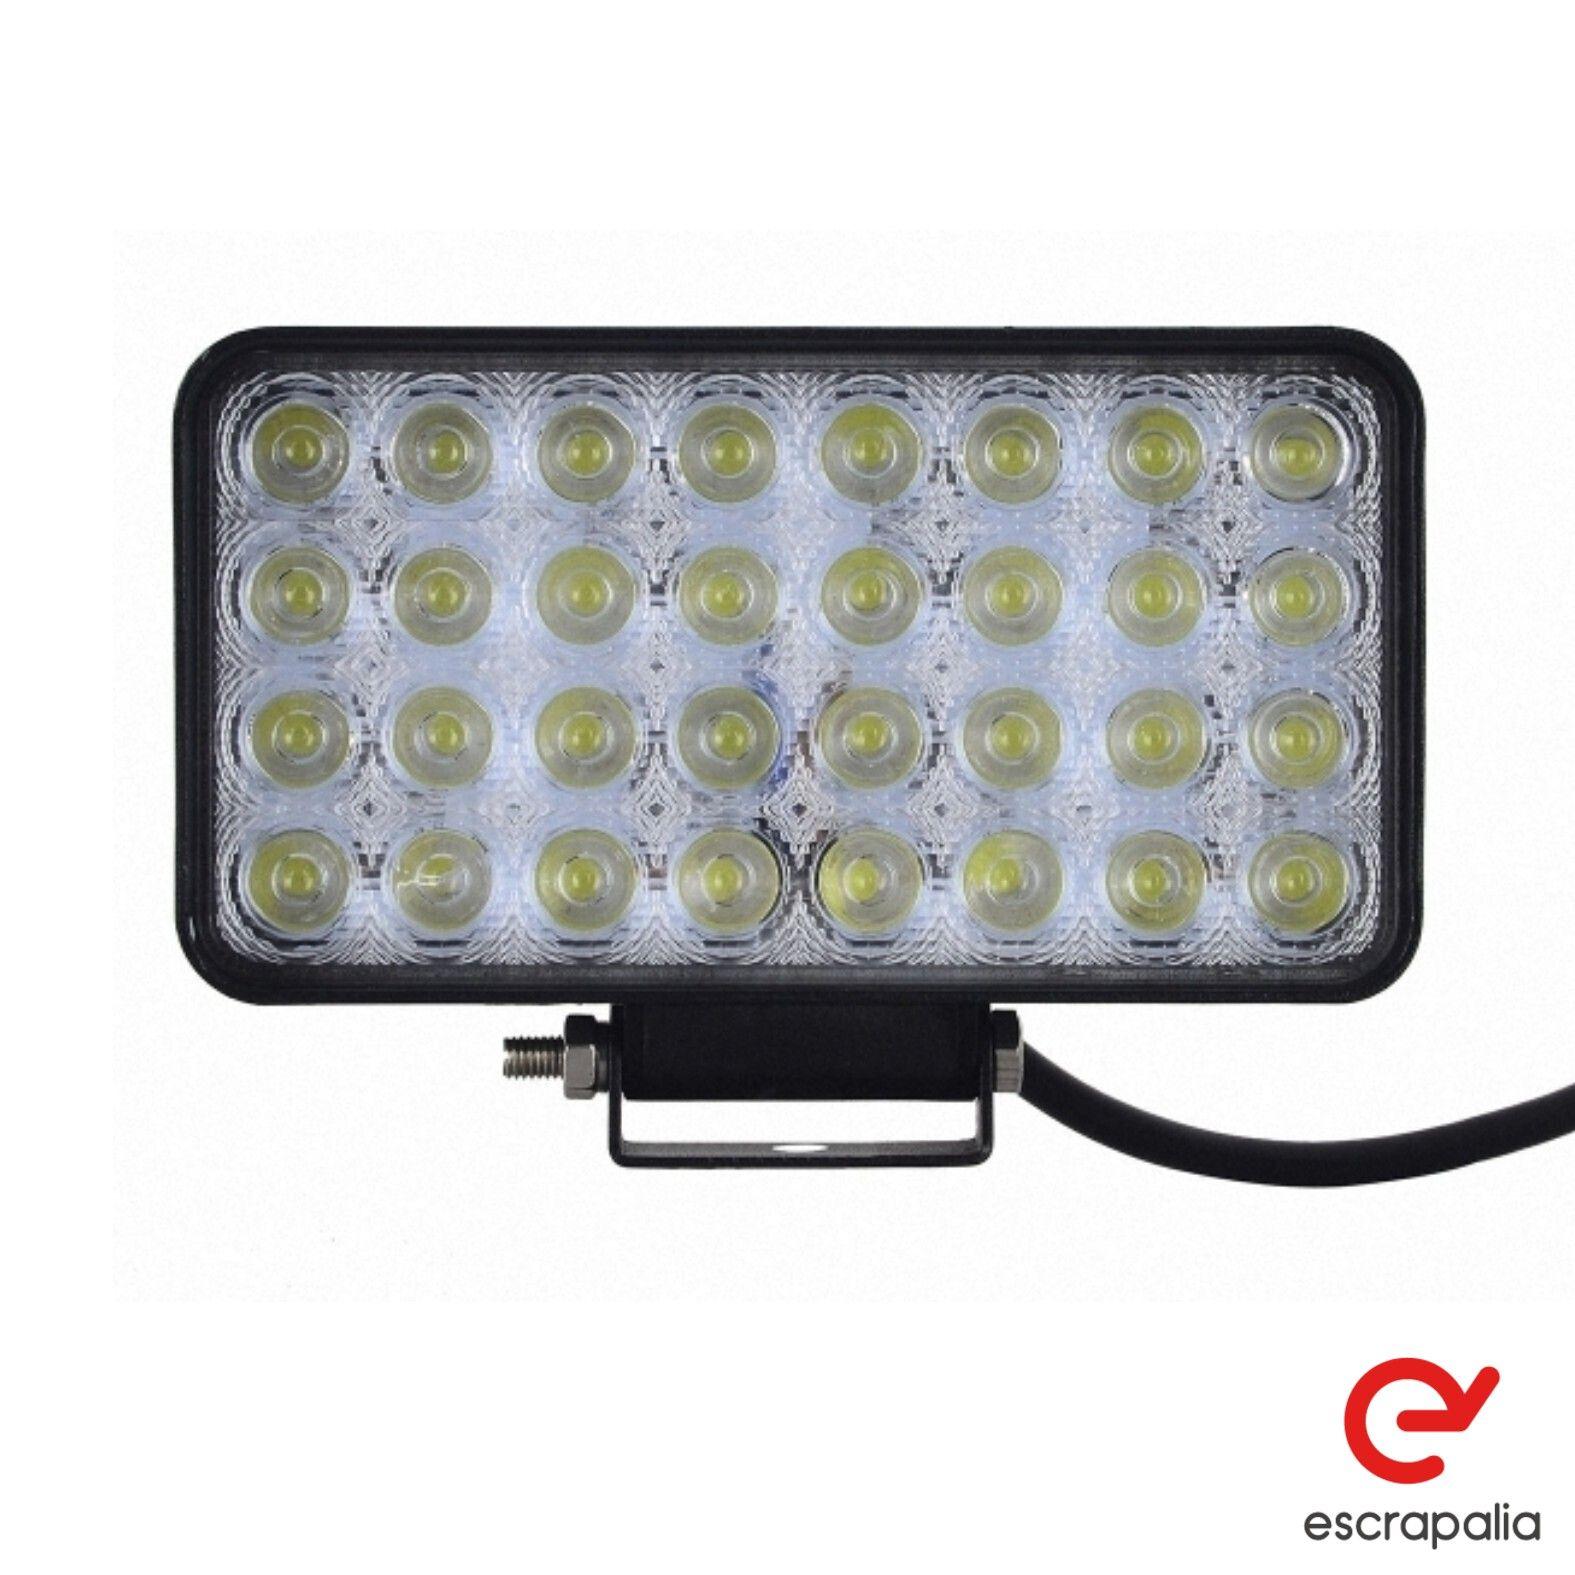 LED-Arbeitslicht 12V 96W IP67 für Fahrzeuge und Maschinen (neu)